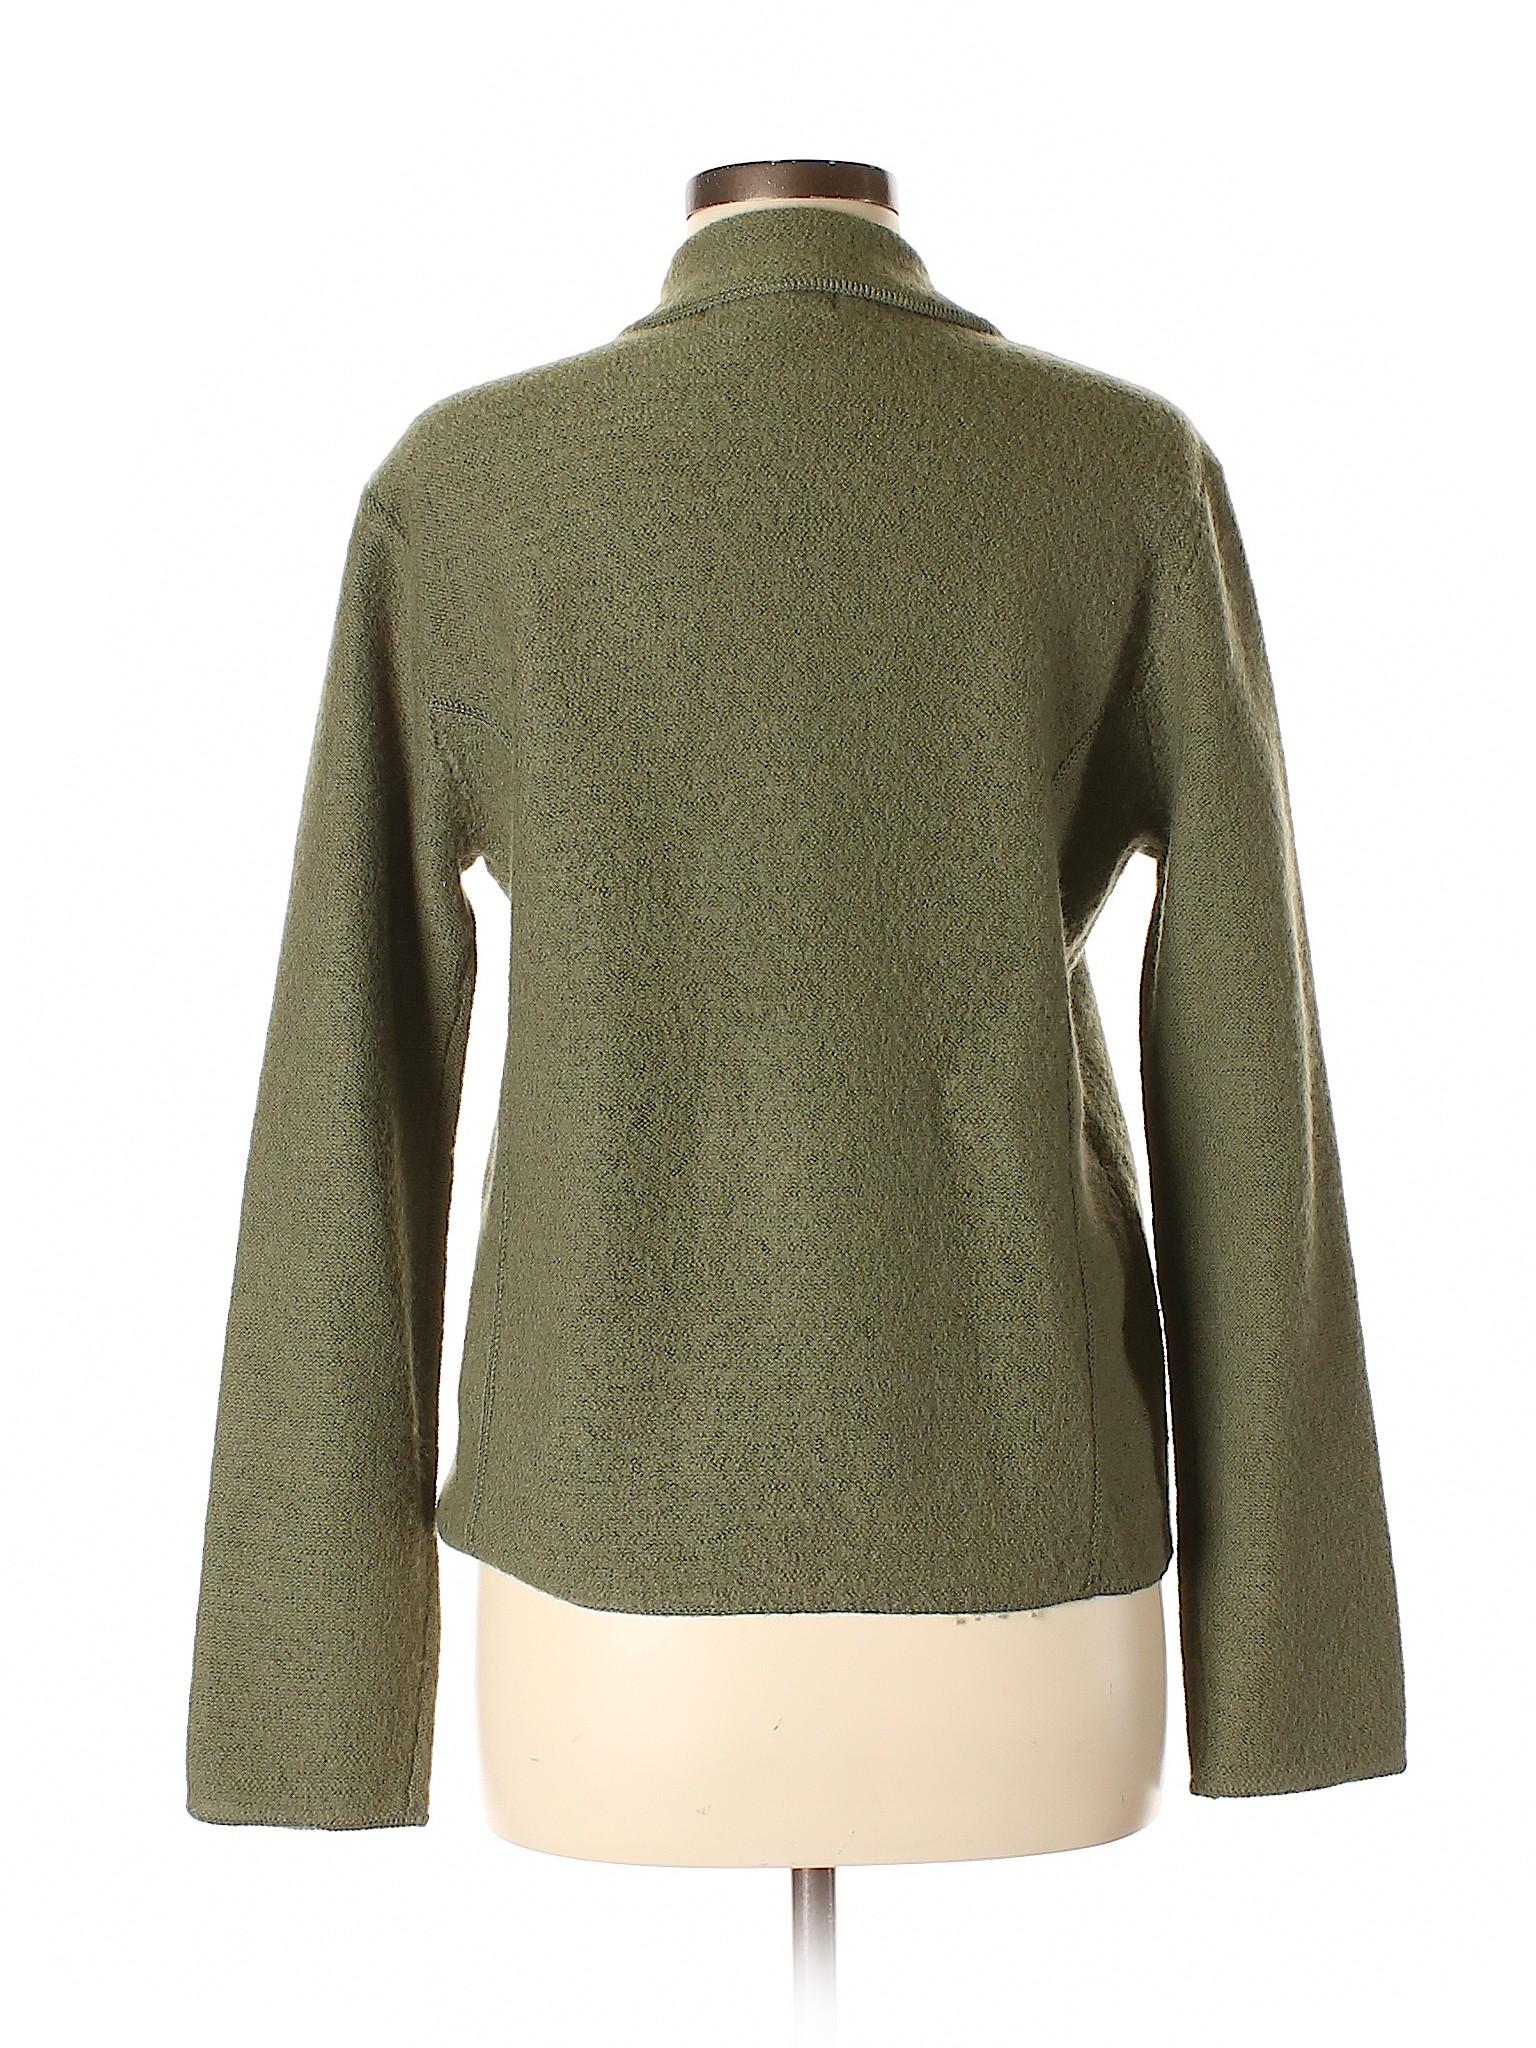 winter Annex Wool Casual Corner Cardigan Boutique RadxR